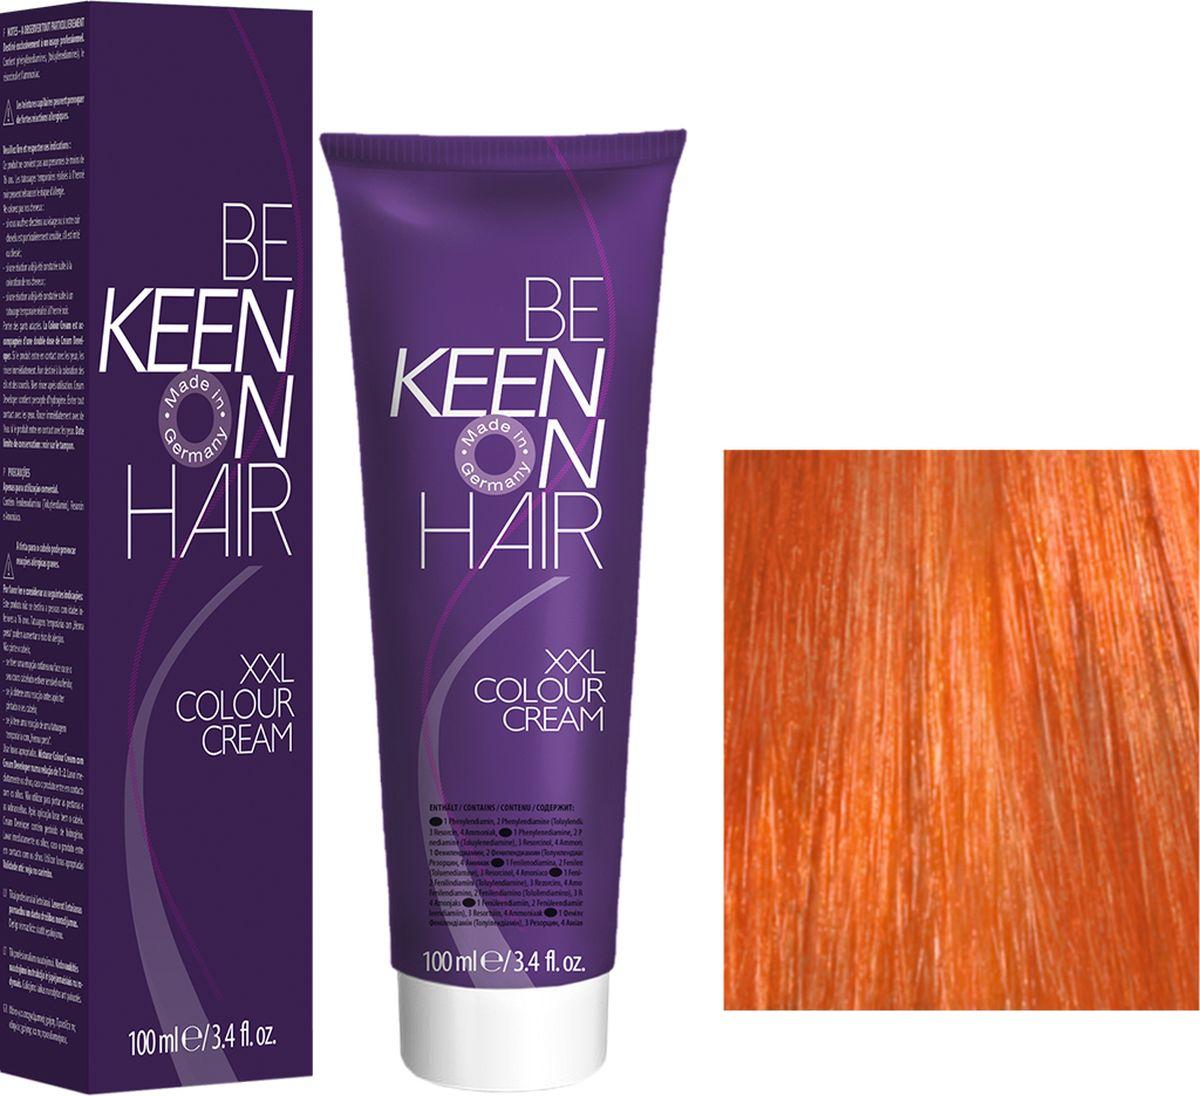 Keen Краска для волос 7.43 Натуральный медно-золотистый блондин Mittelblond Kupfer-Gold, 100 мл69100059Модные оттенкиБолее 100 оттенков для креативной комбинации цветов.ЭкономичностьПри использовании тюбика 100 мл вы получаете оптимальное соотношение цены и качества!УходМолочный белок поддерживает структуру волоса во время окрашивания и придает волосам блеск и шелковистость. Протеины хорошо встраиваются в волосы и снабжают их влагой.